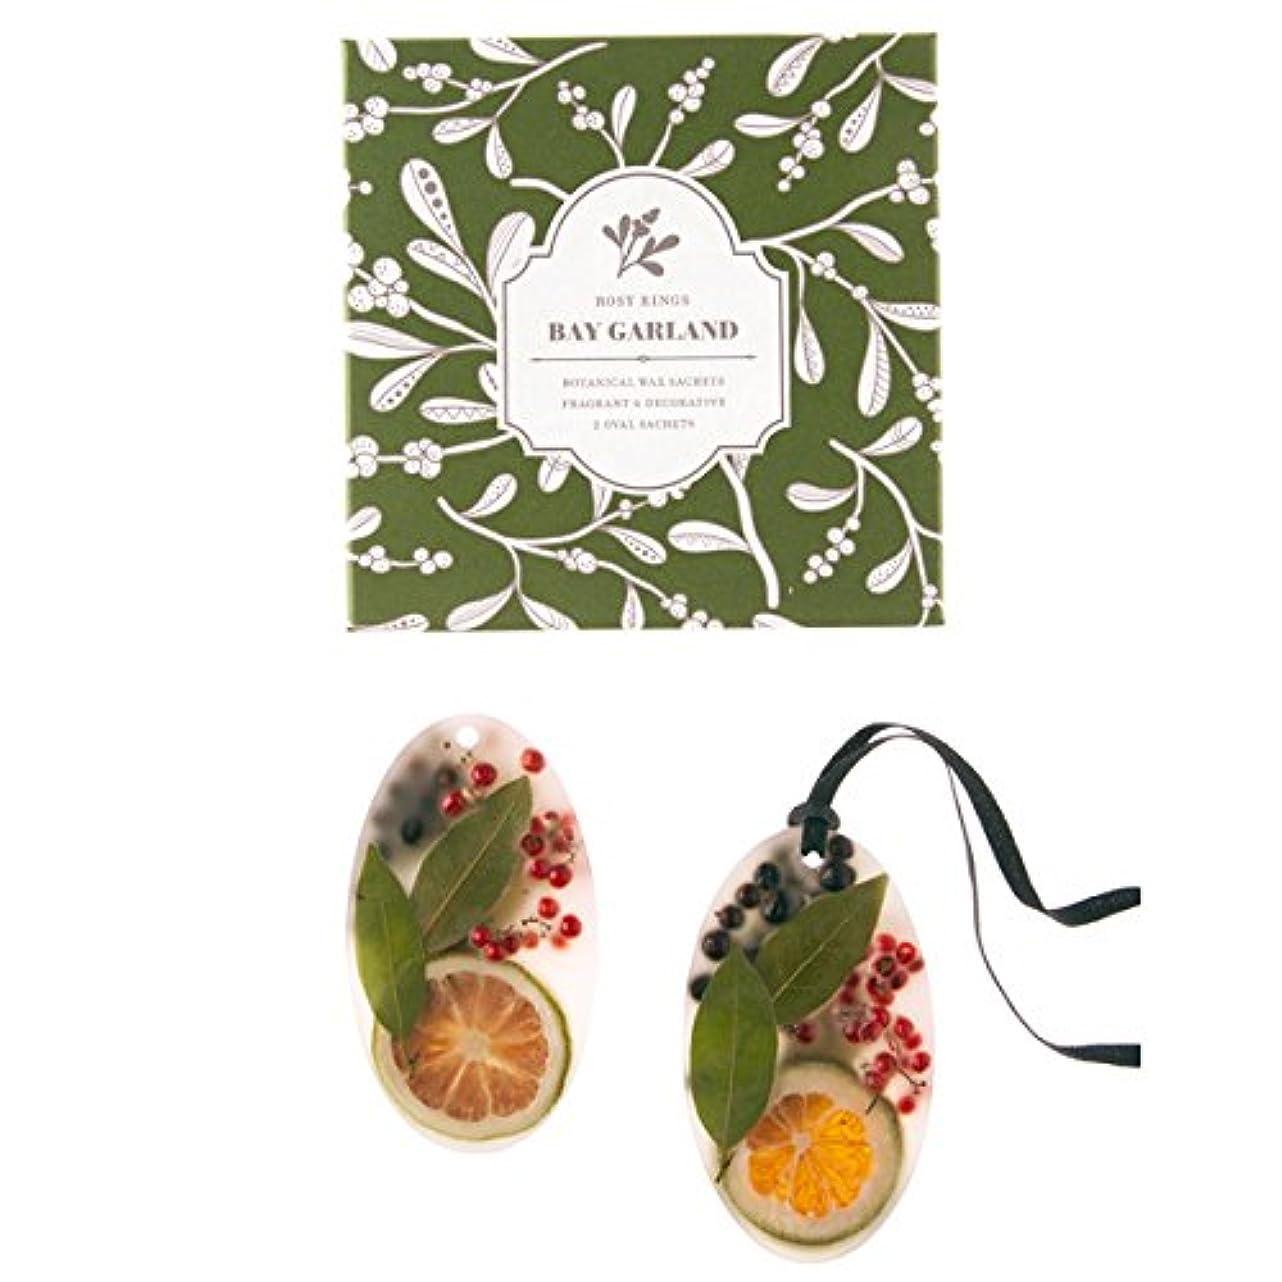 ピック起きる現代ロージーリングス ボタニカルワックスサシェ オーバル ベイガーランド ROSY RINGS Signature Collection Botanical Wax Sachets – Bay Garland